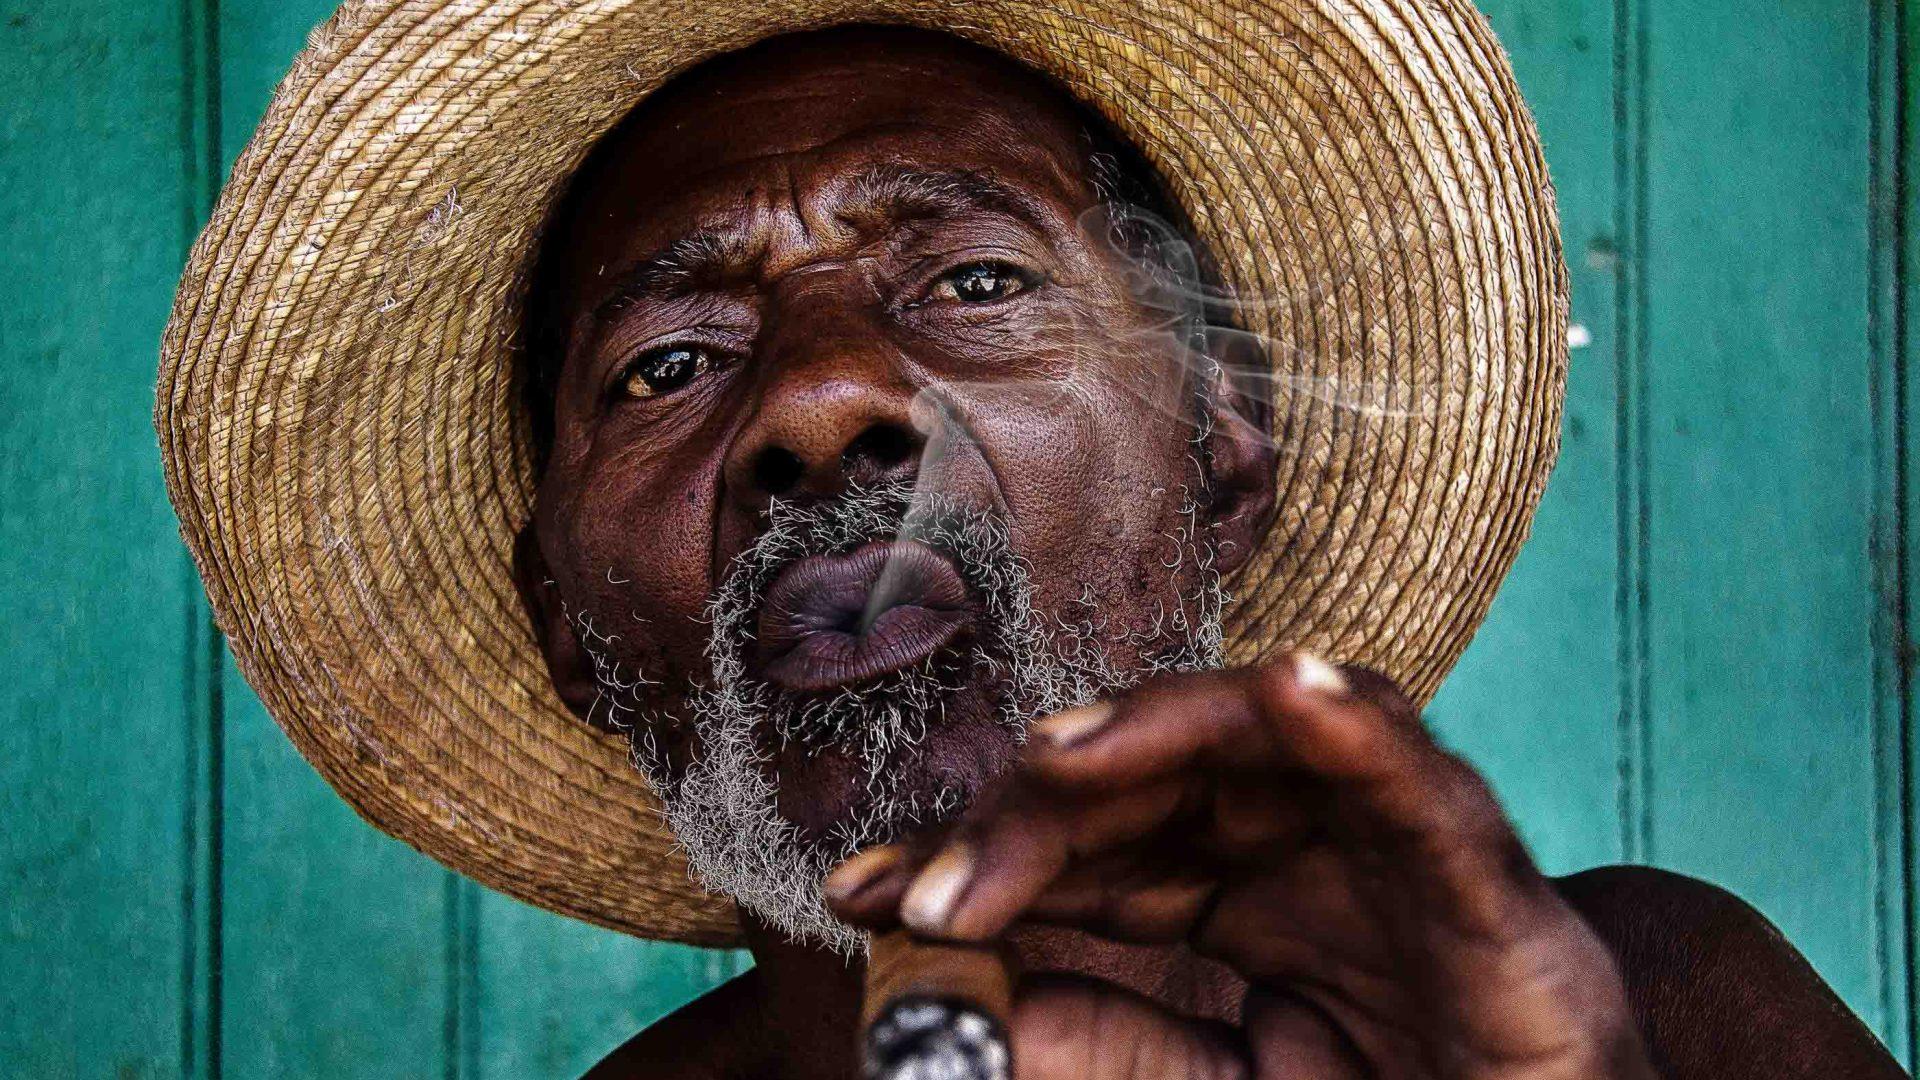 A man smokes a cigar in Cuba.